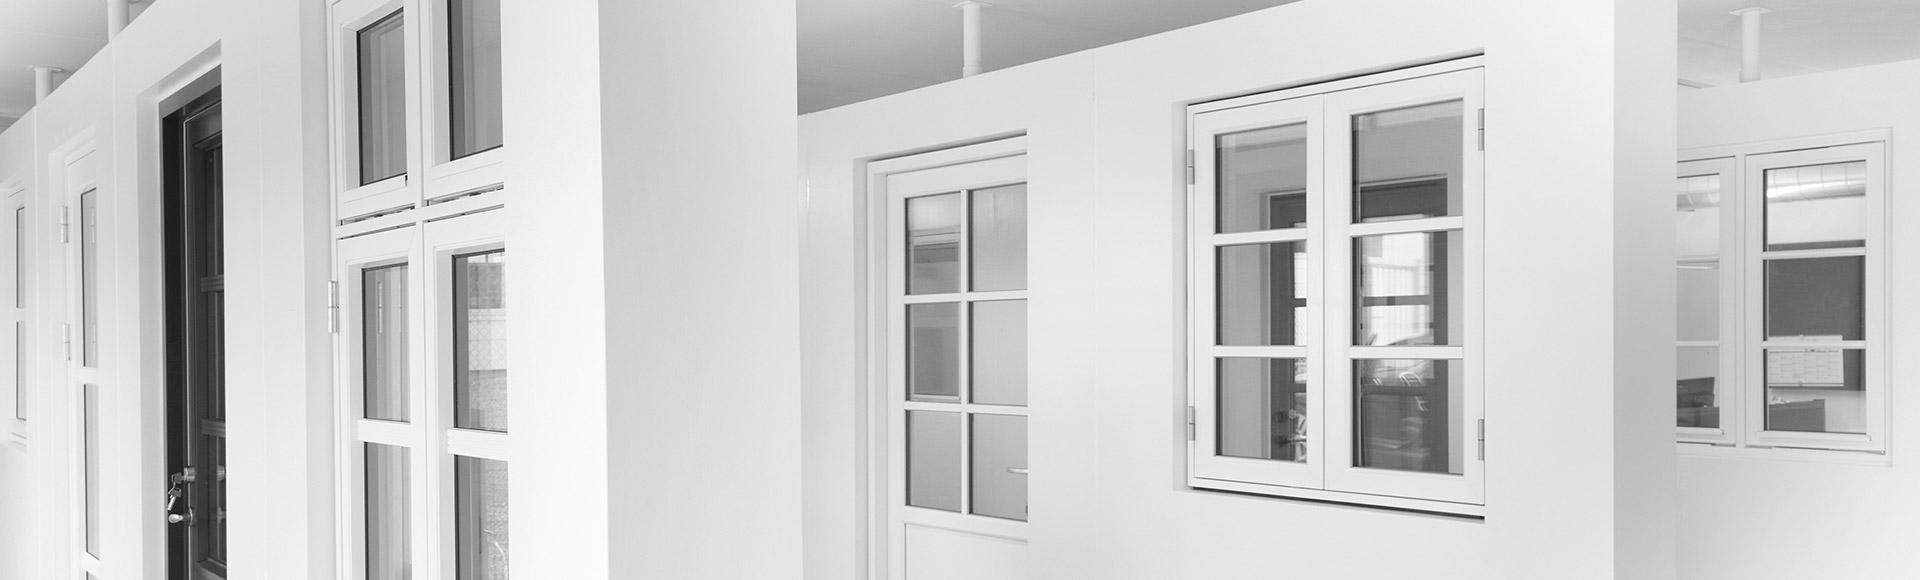 Full Size of Gebrauchte Holzfenster Mit Sprossen Fenster Kleines Regal Schubladen Küche Günstig Elektrogeräten Türen L E Geräten Betten Bett 90x200 Weiß Matratze Wohnzimmer Gebrauchte Holzfenster Mit Sprossen